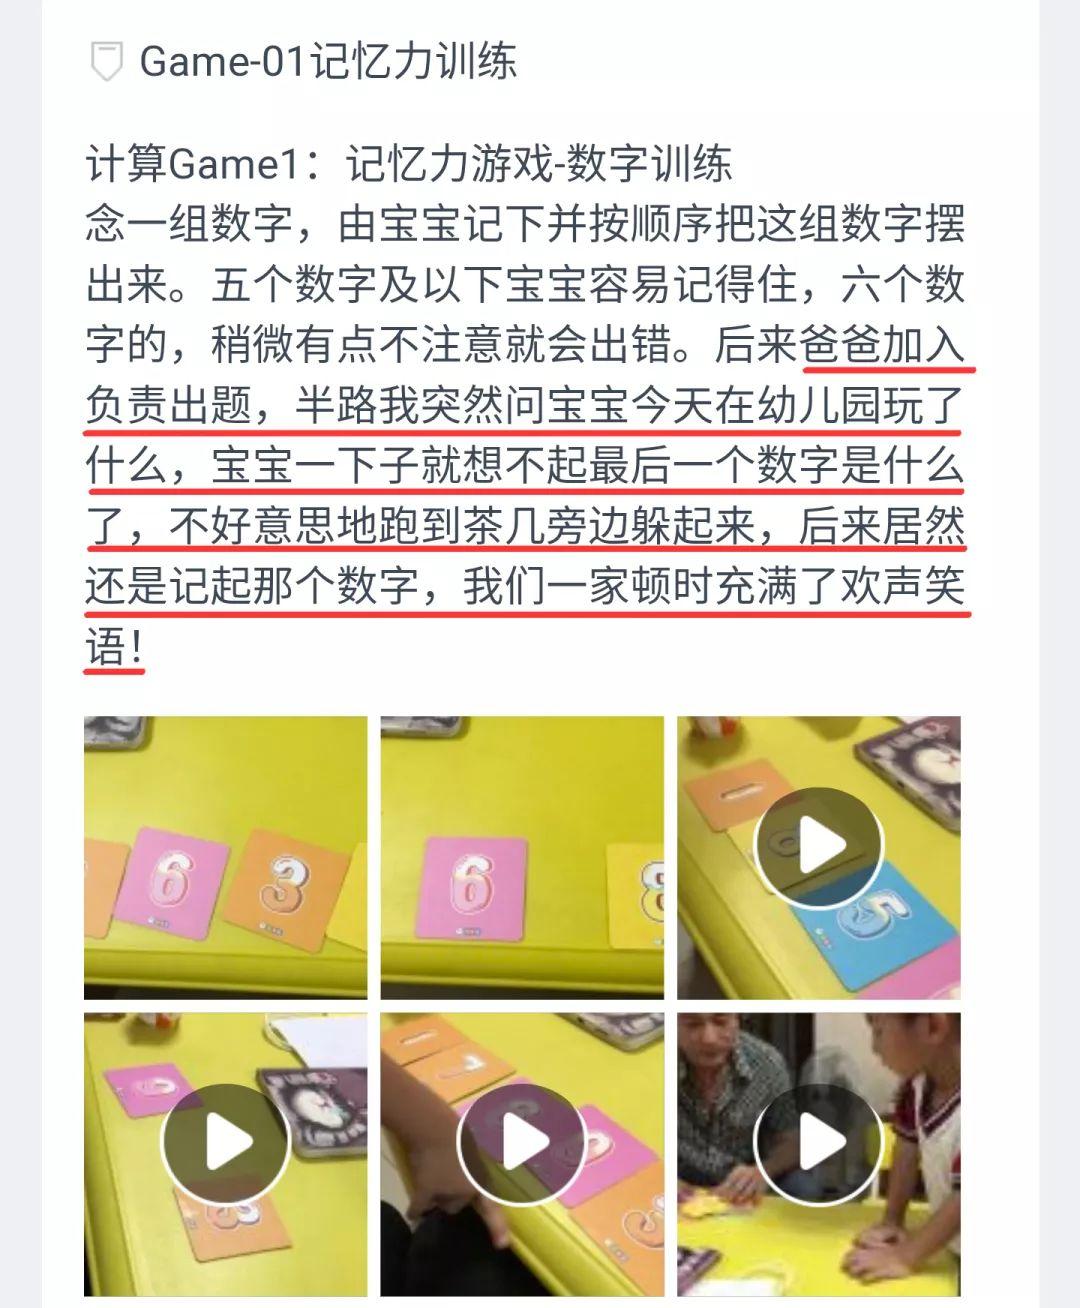 优秀毕业生_江晨宇:幽默妈妈和皮皮娃的学习故事,可爱指数爆表了!